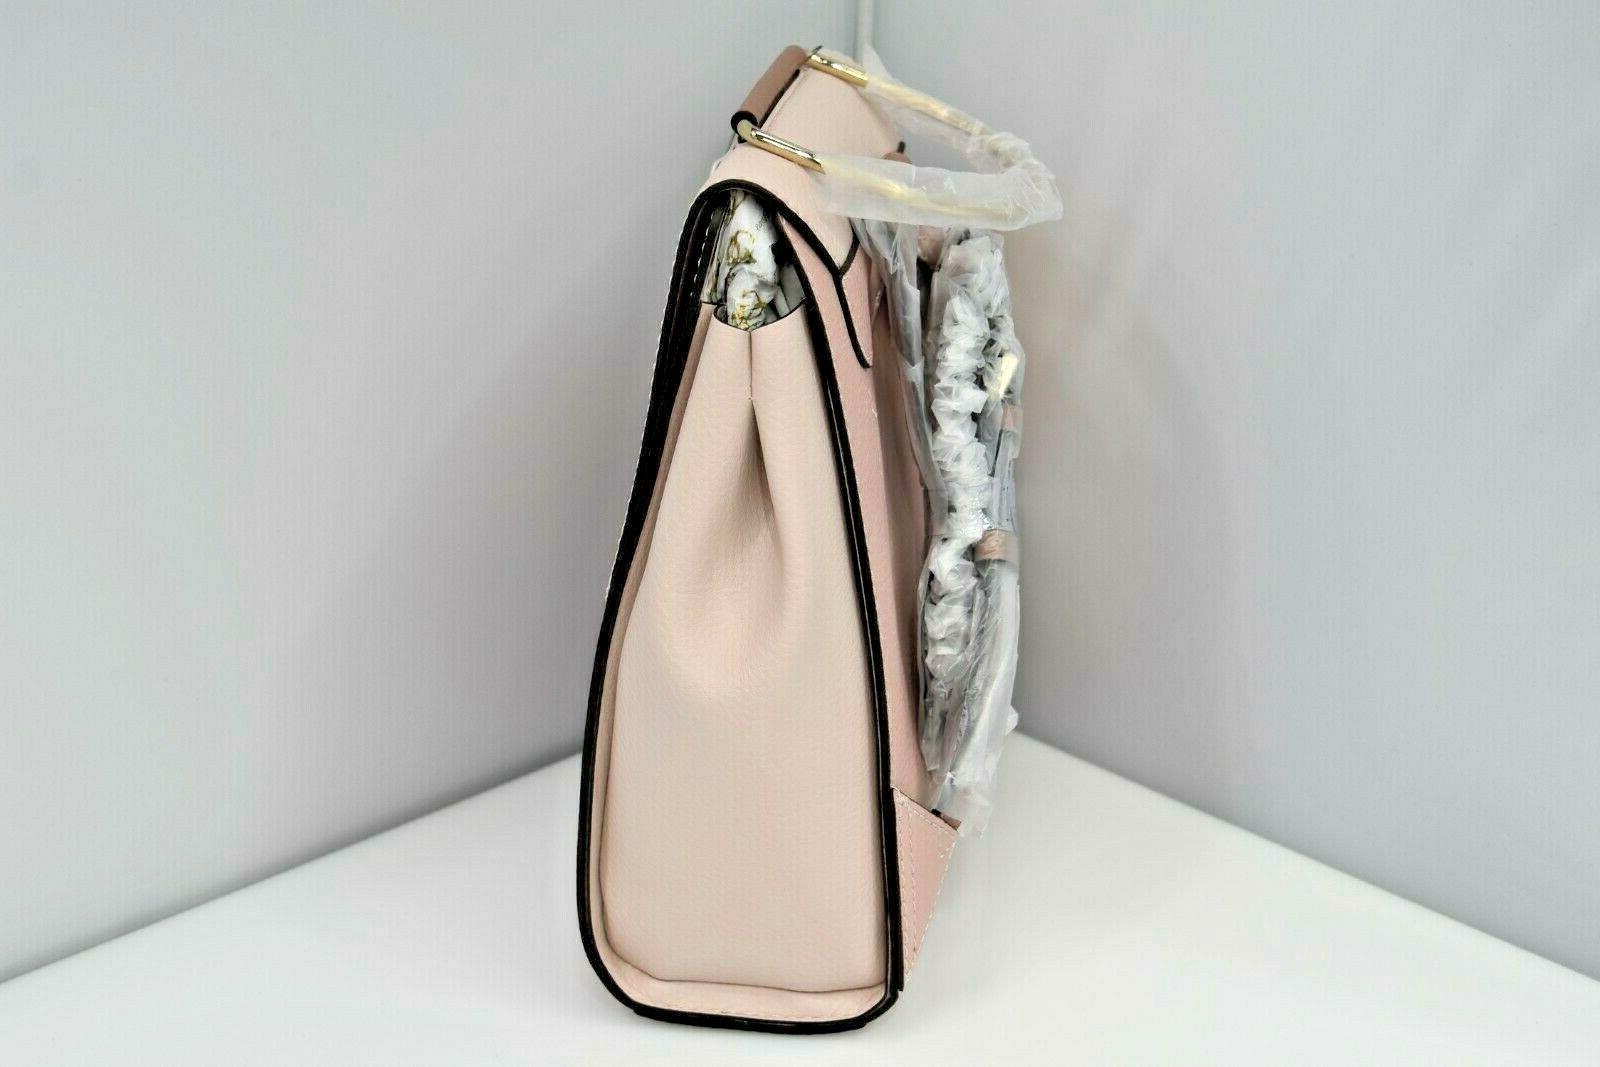 New GUESS Multi VG740432 Handbag